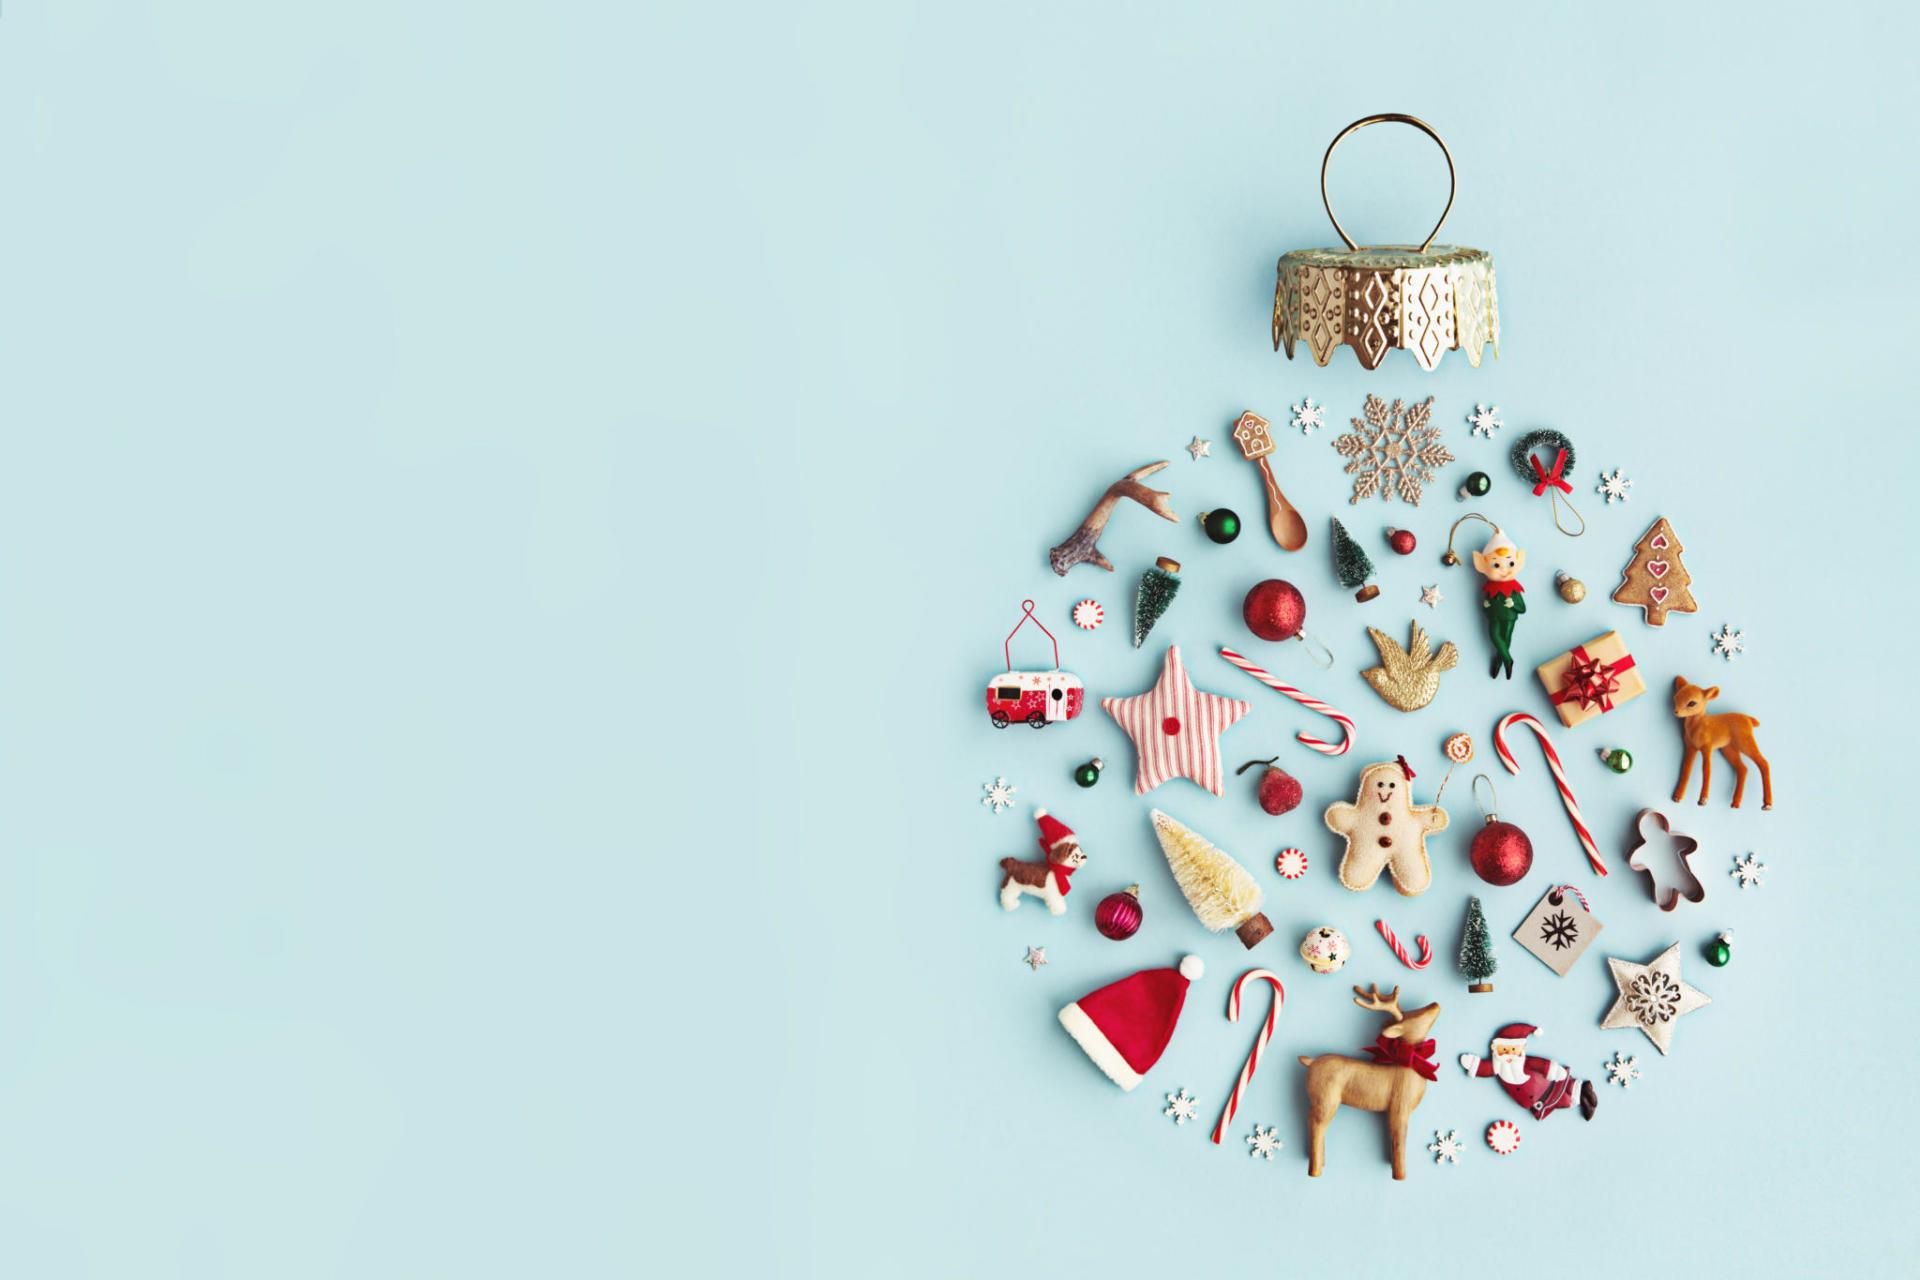 Ausgefallene Weihnachtsbilder.Adventskalender Gestalten Kostenlose Vorlagen Und Gestaltungstipps